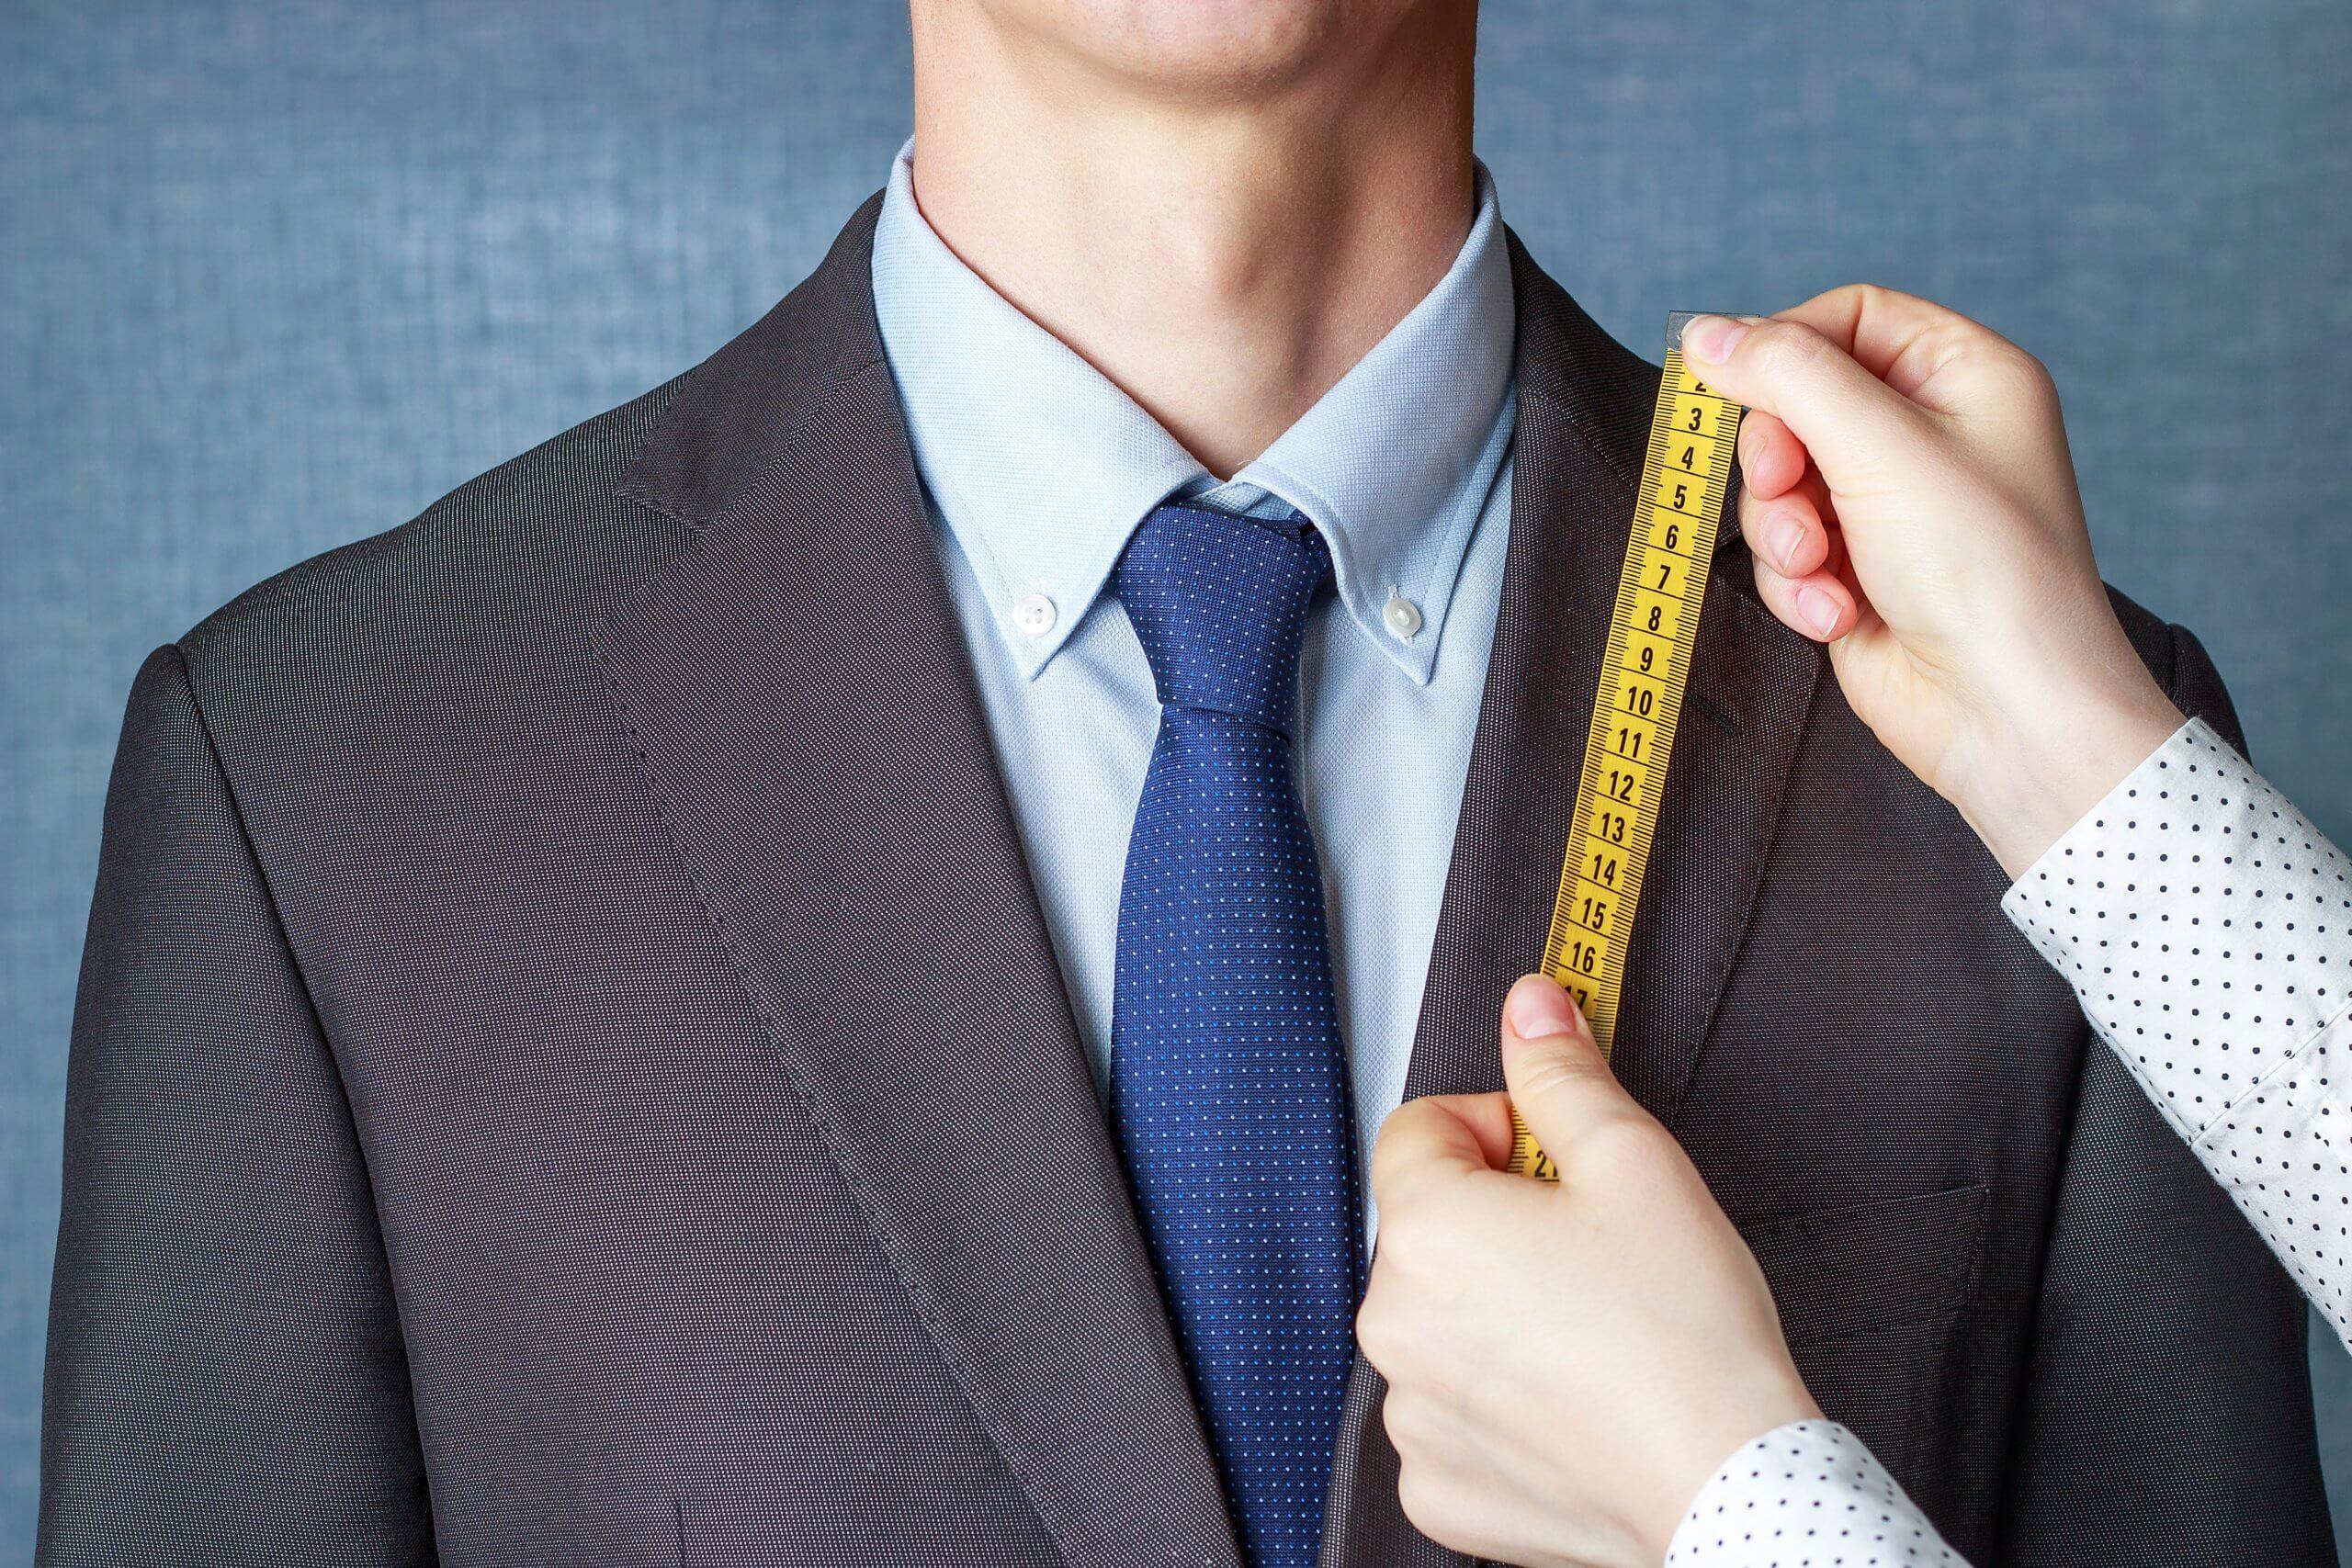 サイズを測る